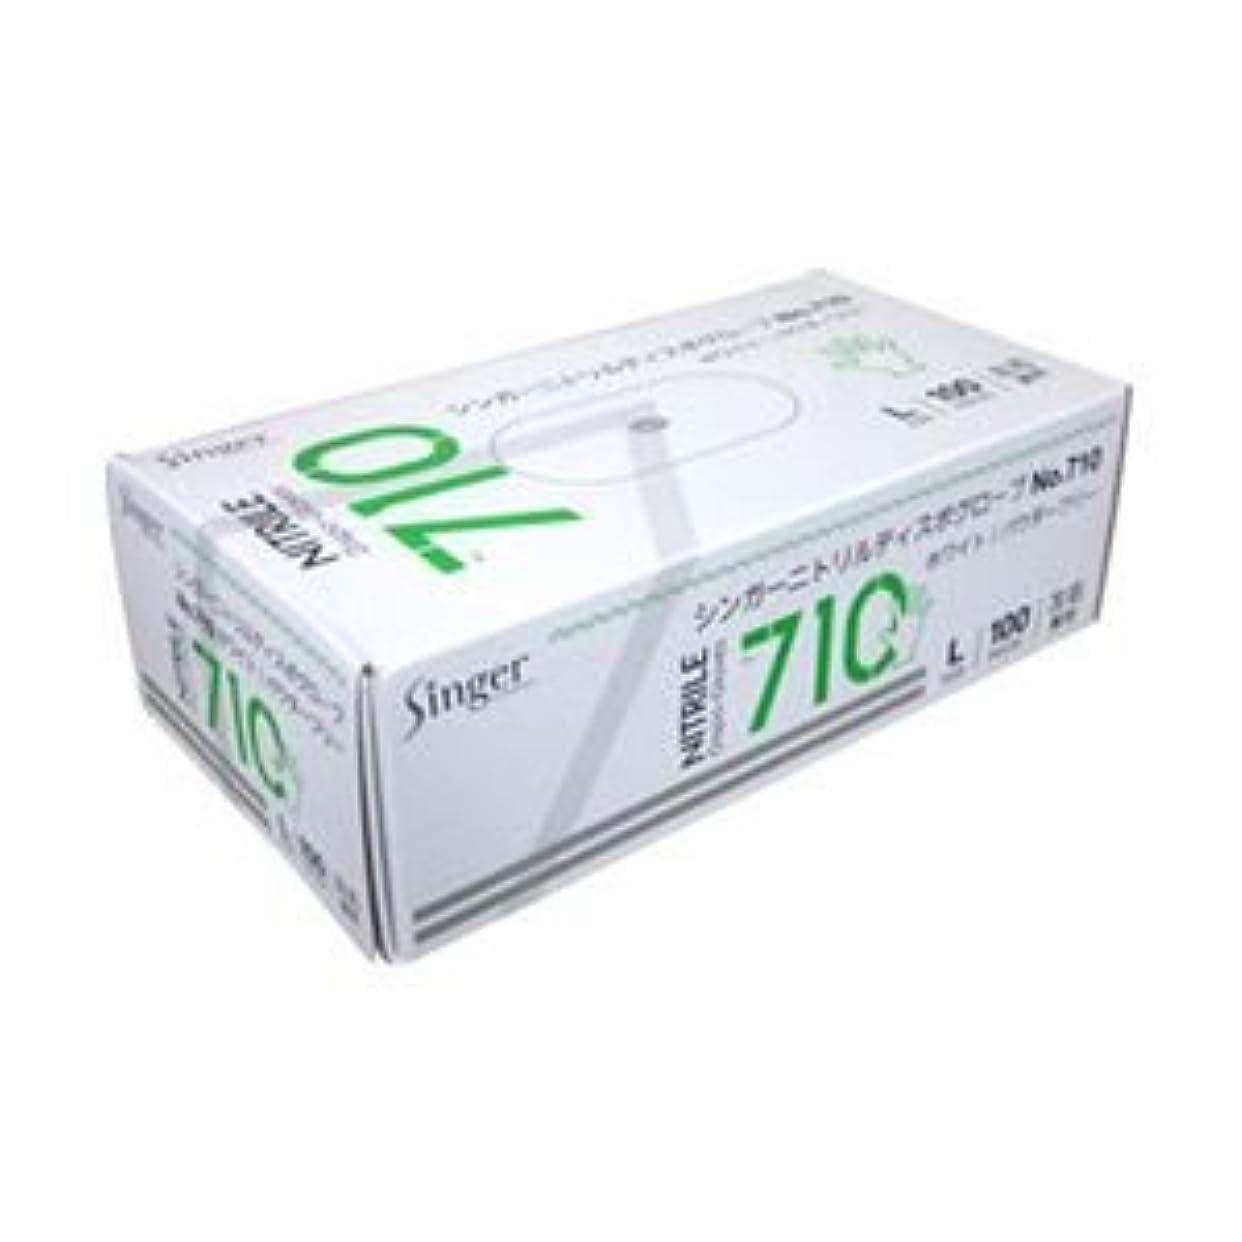 会議世界に死んだ想定する宇都宮製作 ニトリル手袋 粉なし ホワイト L 1箱(100枚) ×5セット